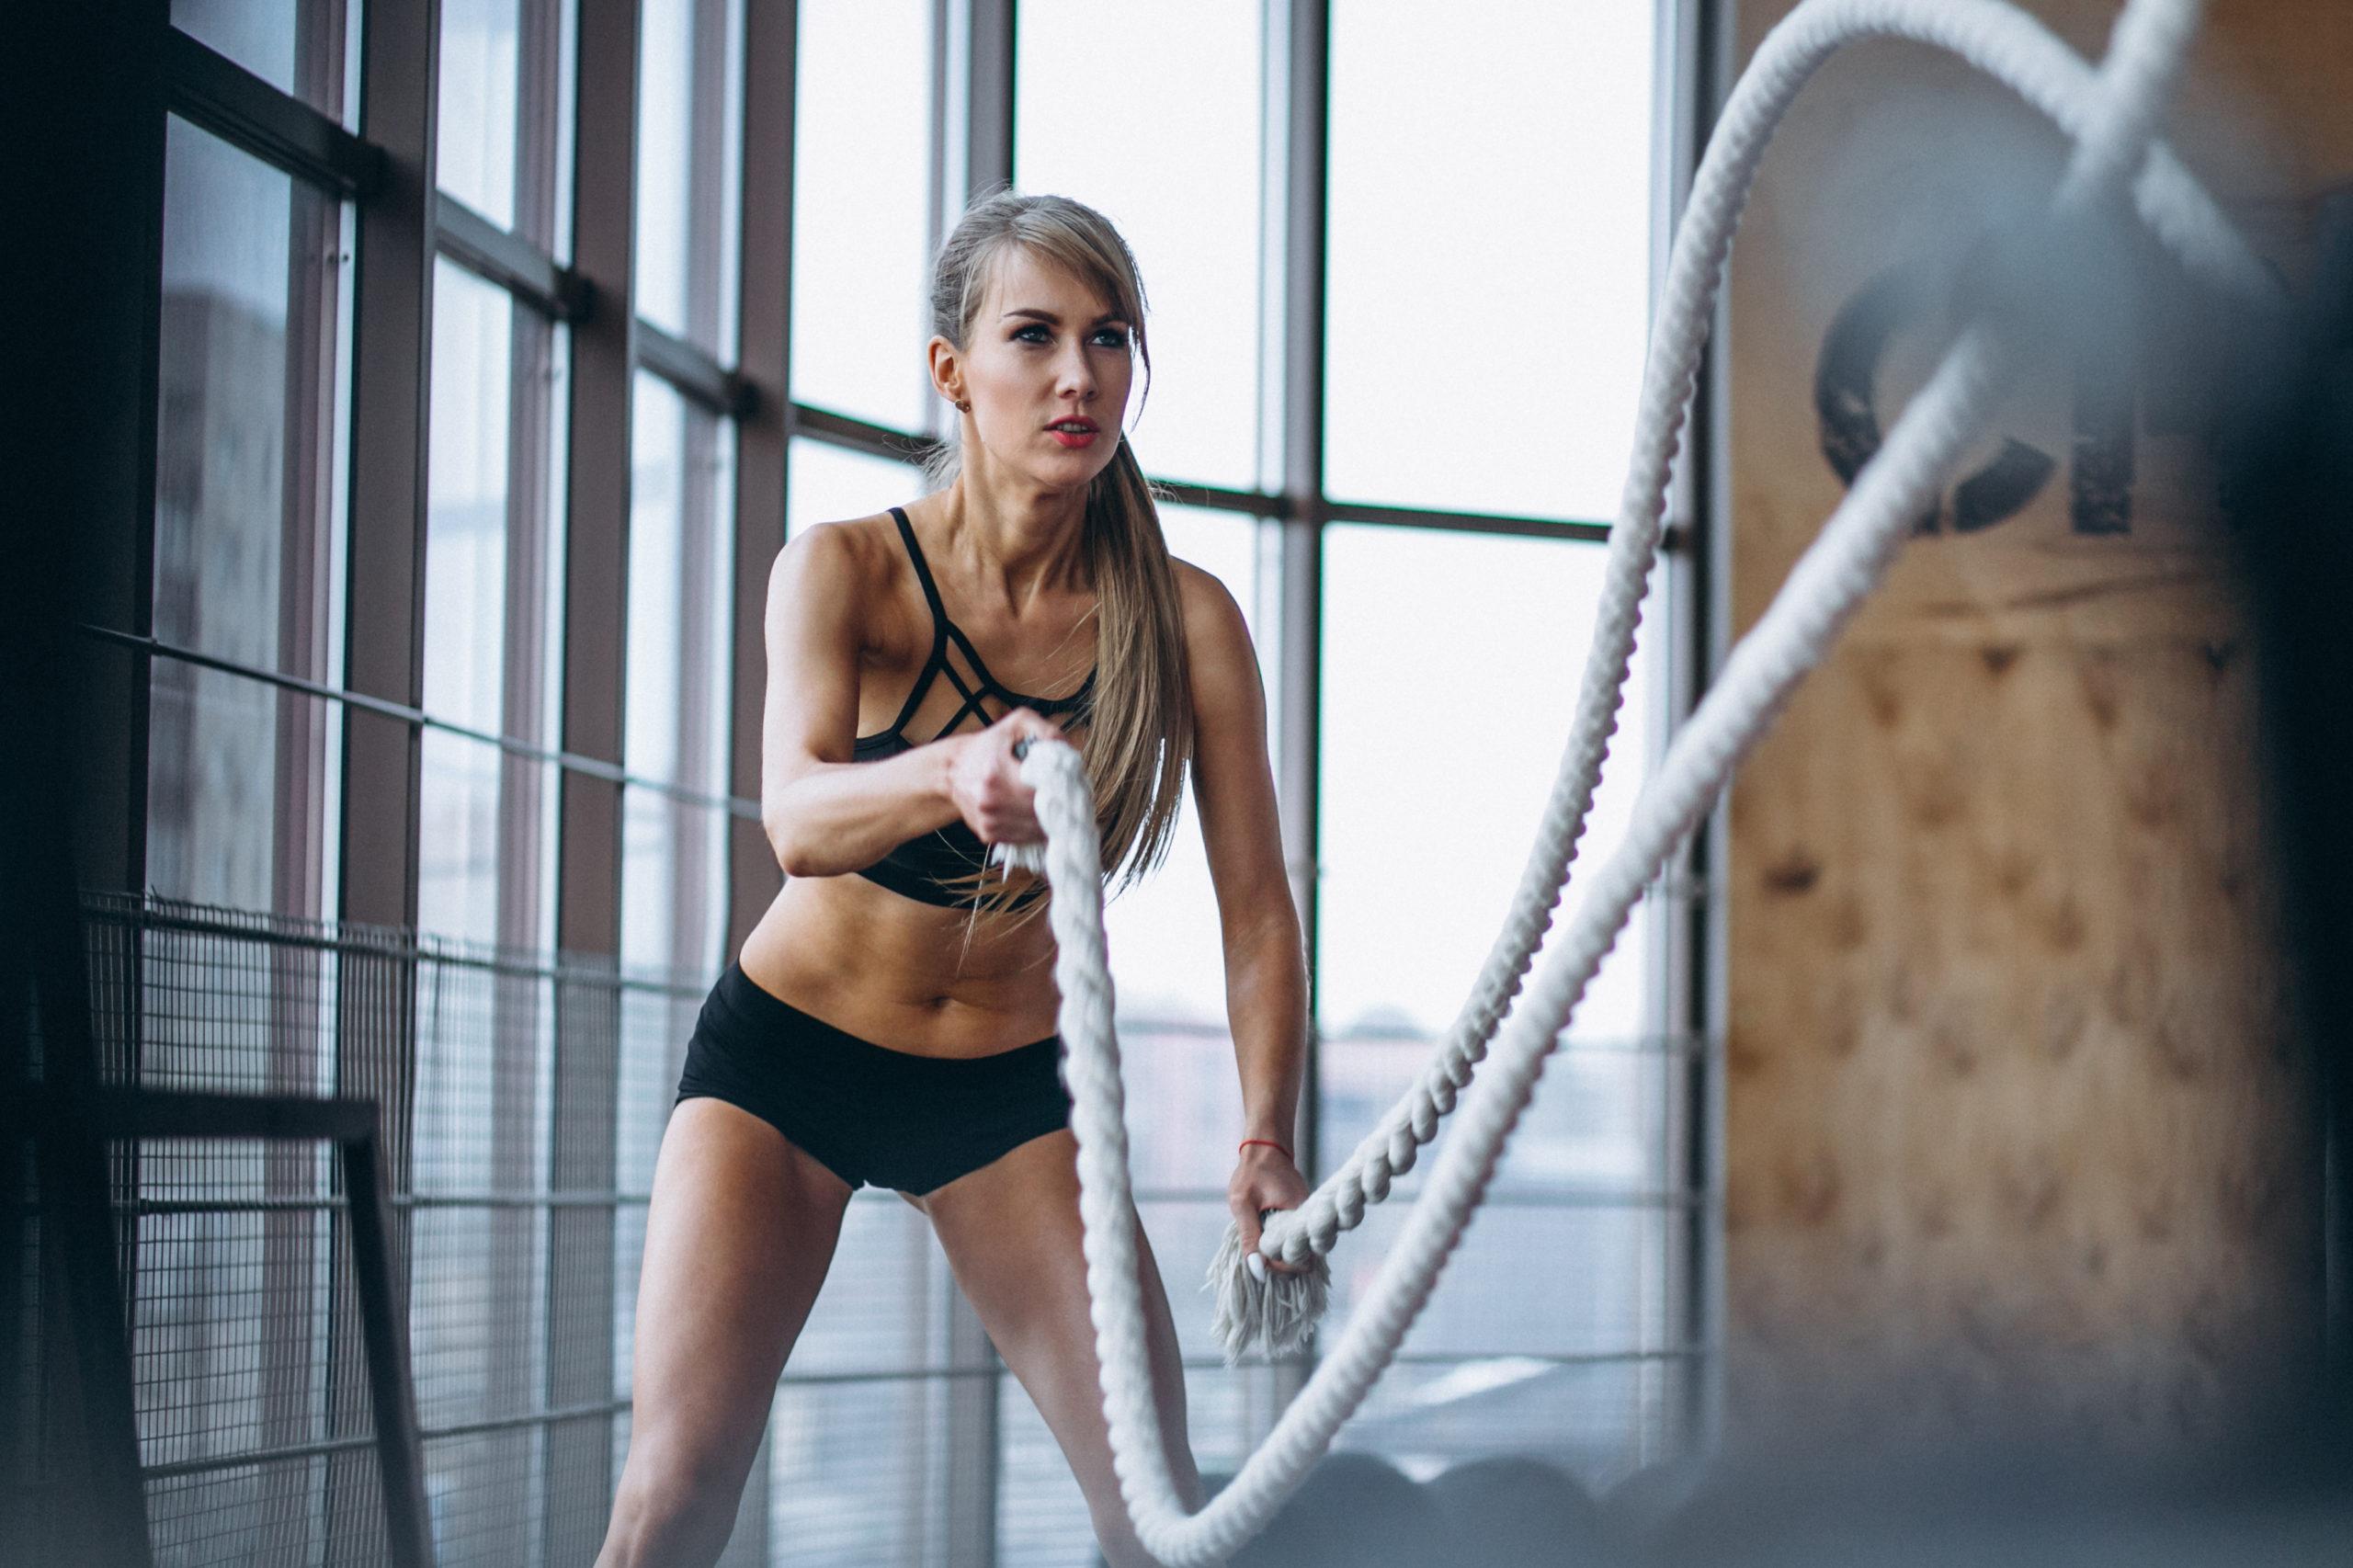 El ejercicio intenso puede retrasar el envejecimiento